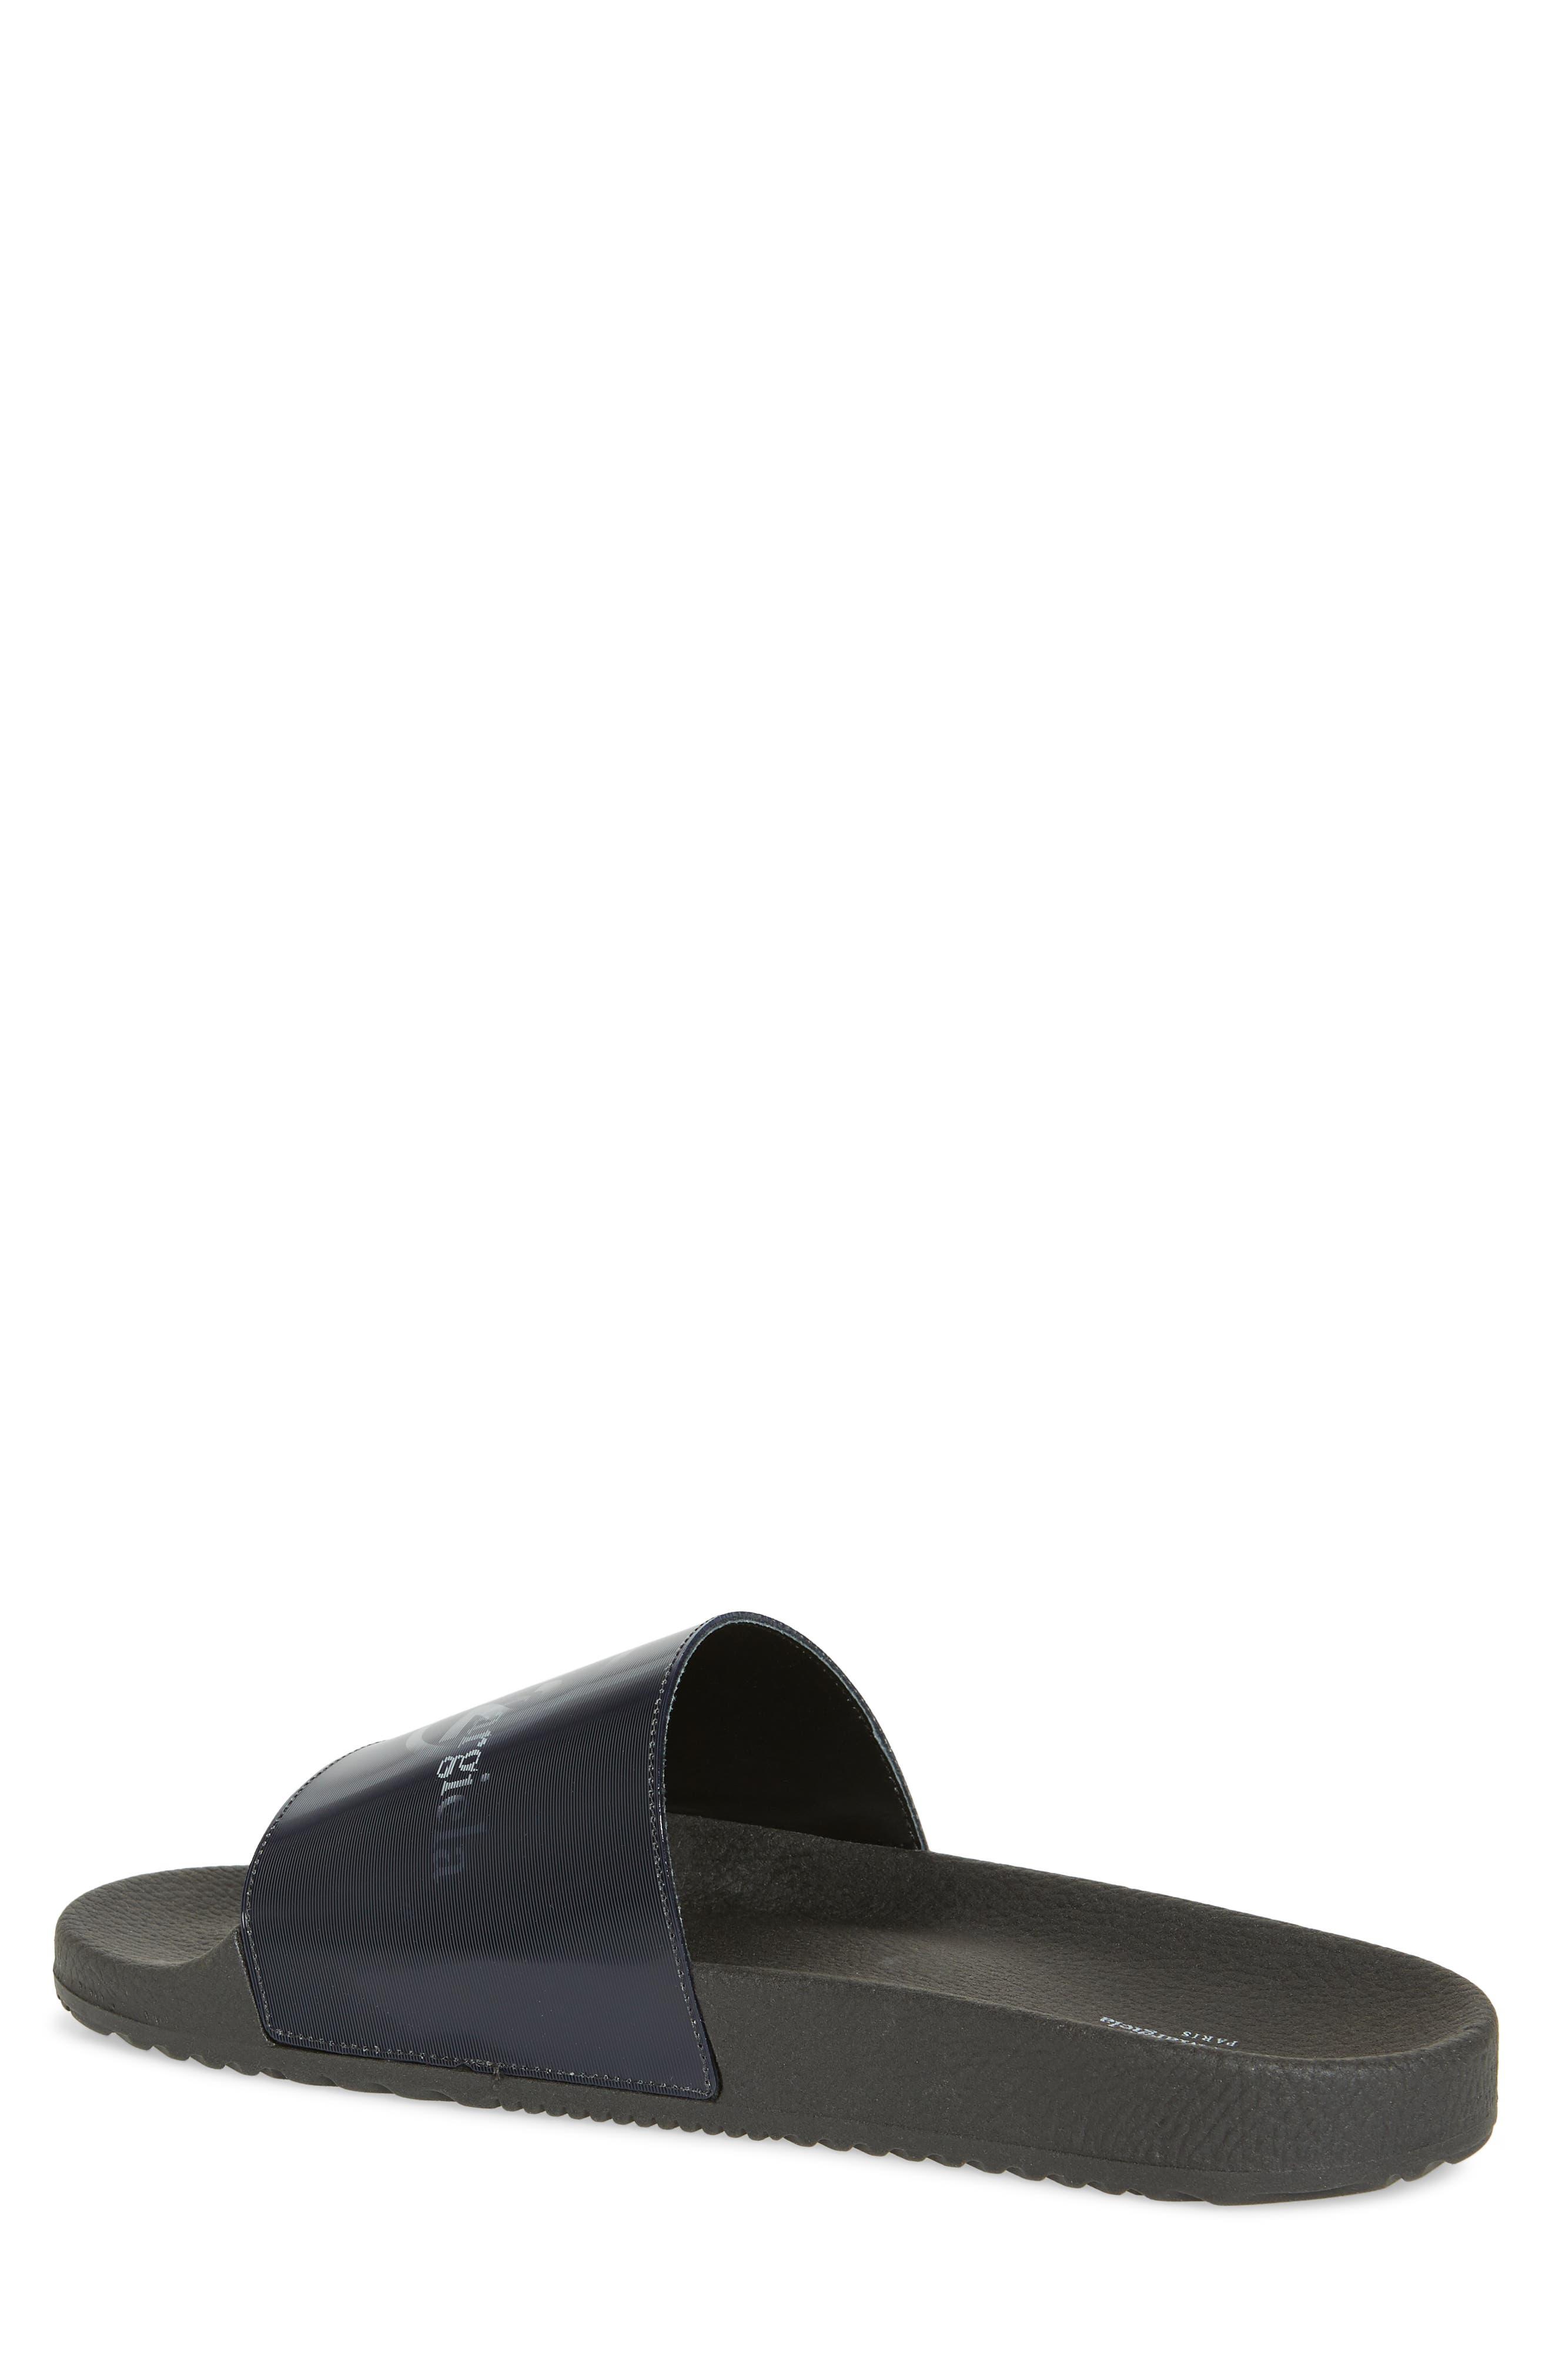 ,                             Pool Slide Sandal,                             Alternate thumbnail 2, color,                             BLACK/ OFF WHITE